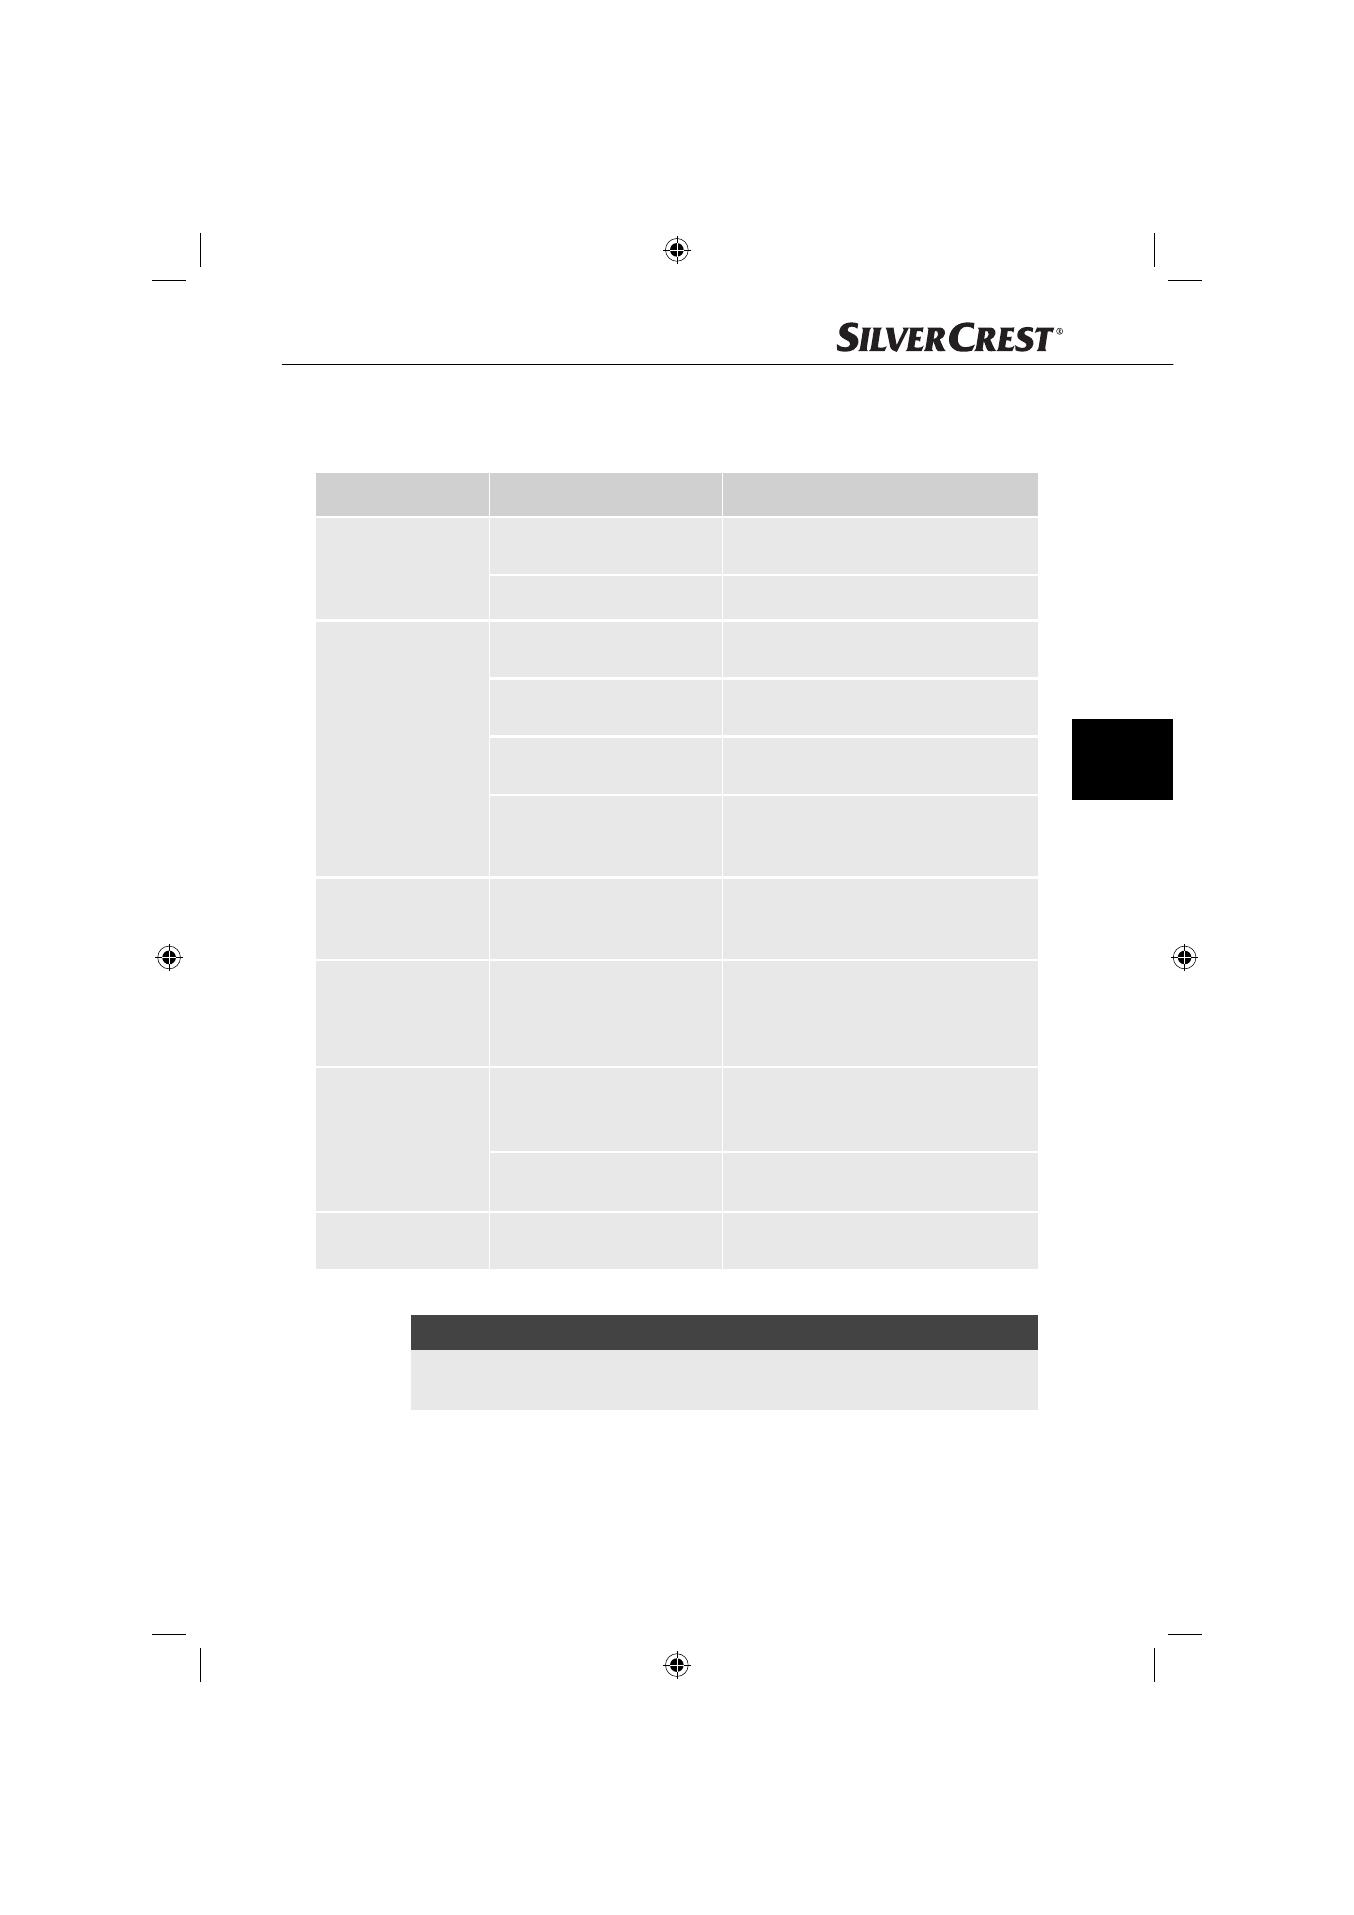 Priciny Chyb A Jejich Odstraneni Silvercrest Sns 45 A3 User Manual Page 150 214